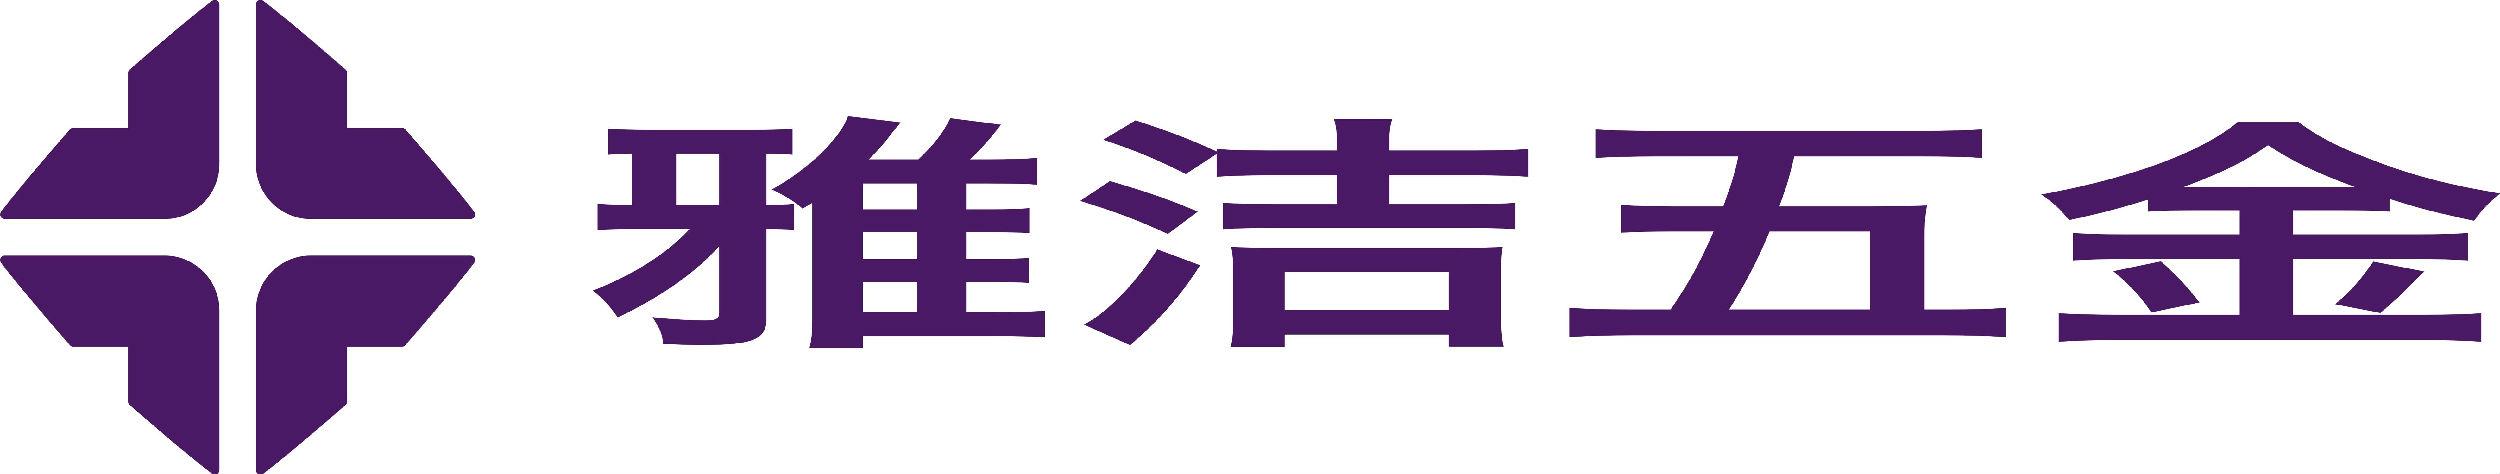 七大五金品牌商标一览